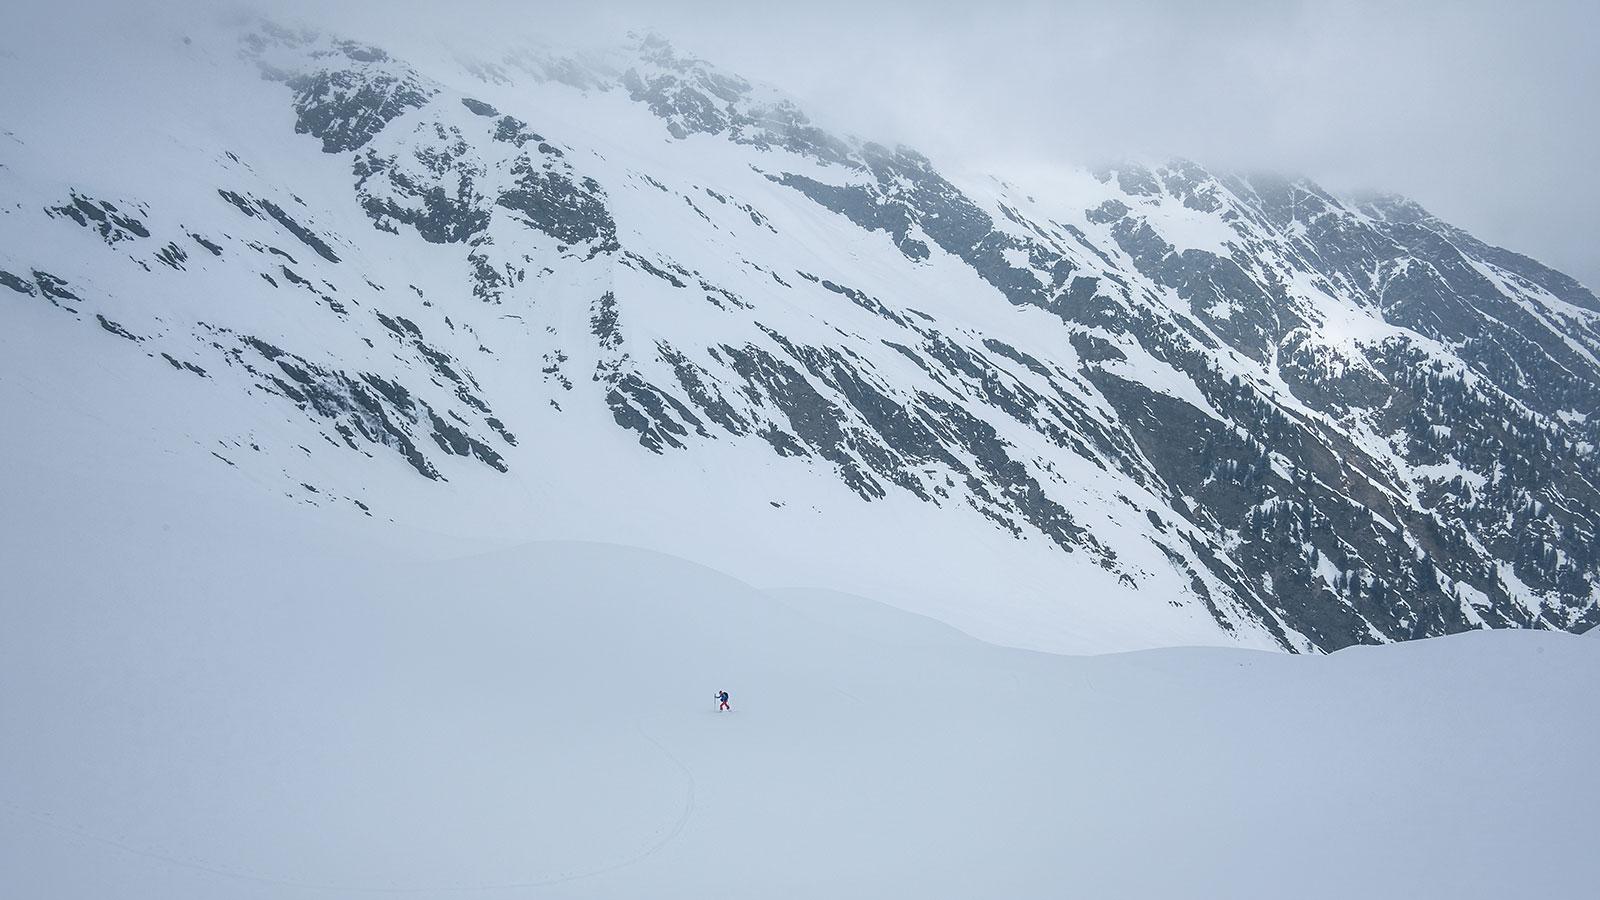 Durchschreiten. Skitour in Südtirol | Pauli Trenkwalder, Berge & Psychologie